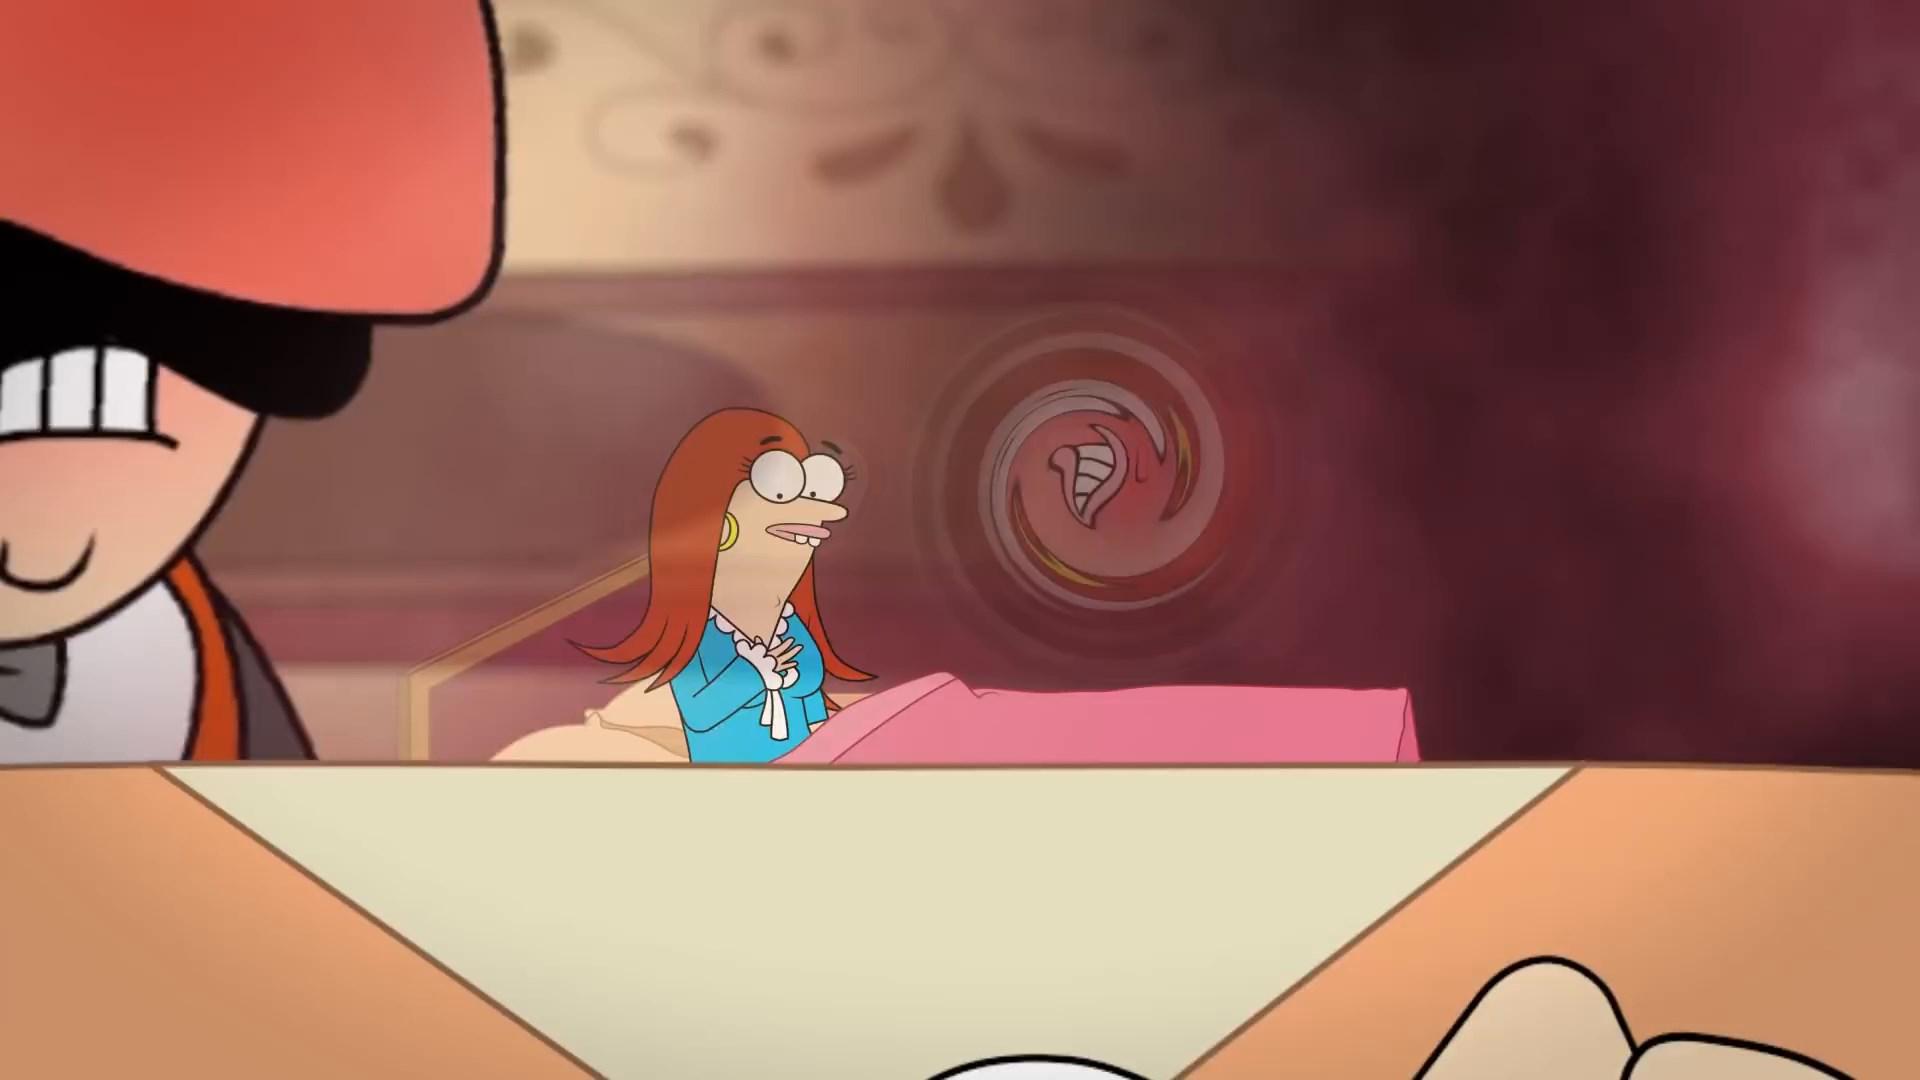 Fırıldak Ailesi - 2013 - 1.Sezon - 1080p - WEB-DL - x264 - Türkçe - Yerli Animasyon - Dizi